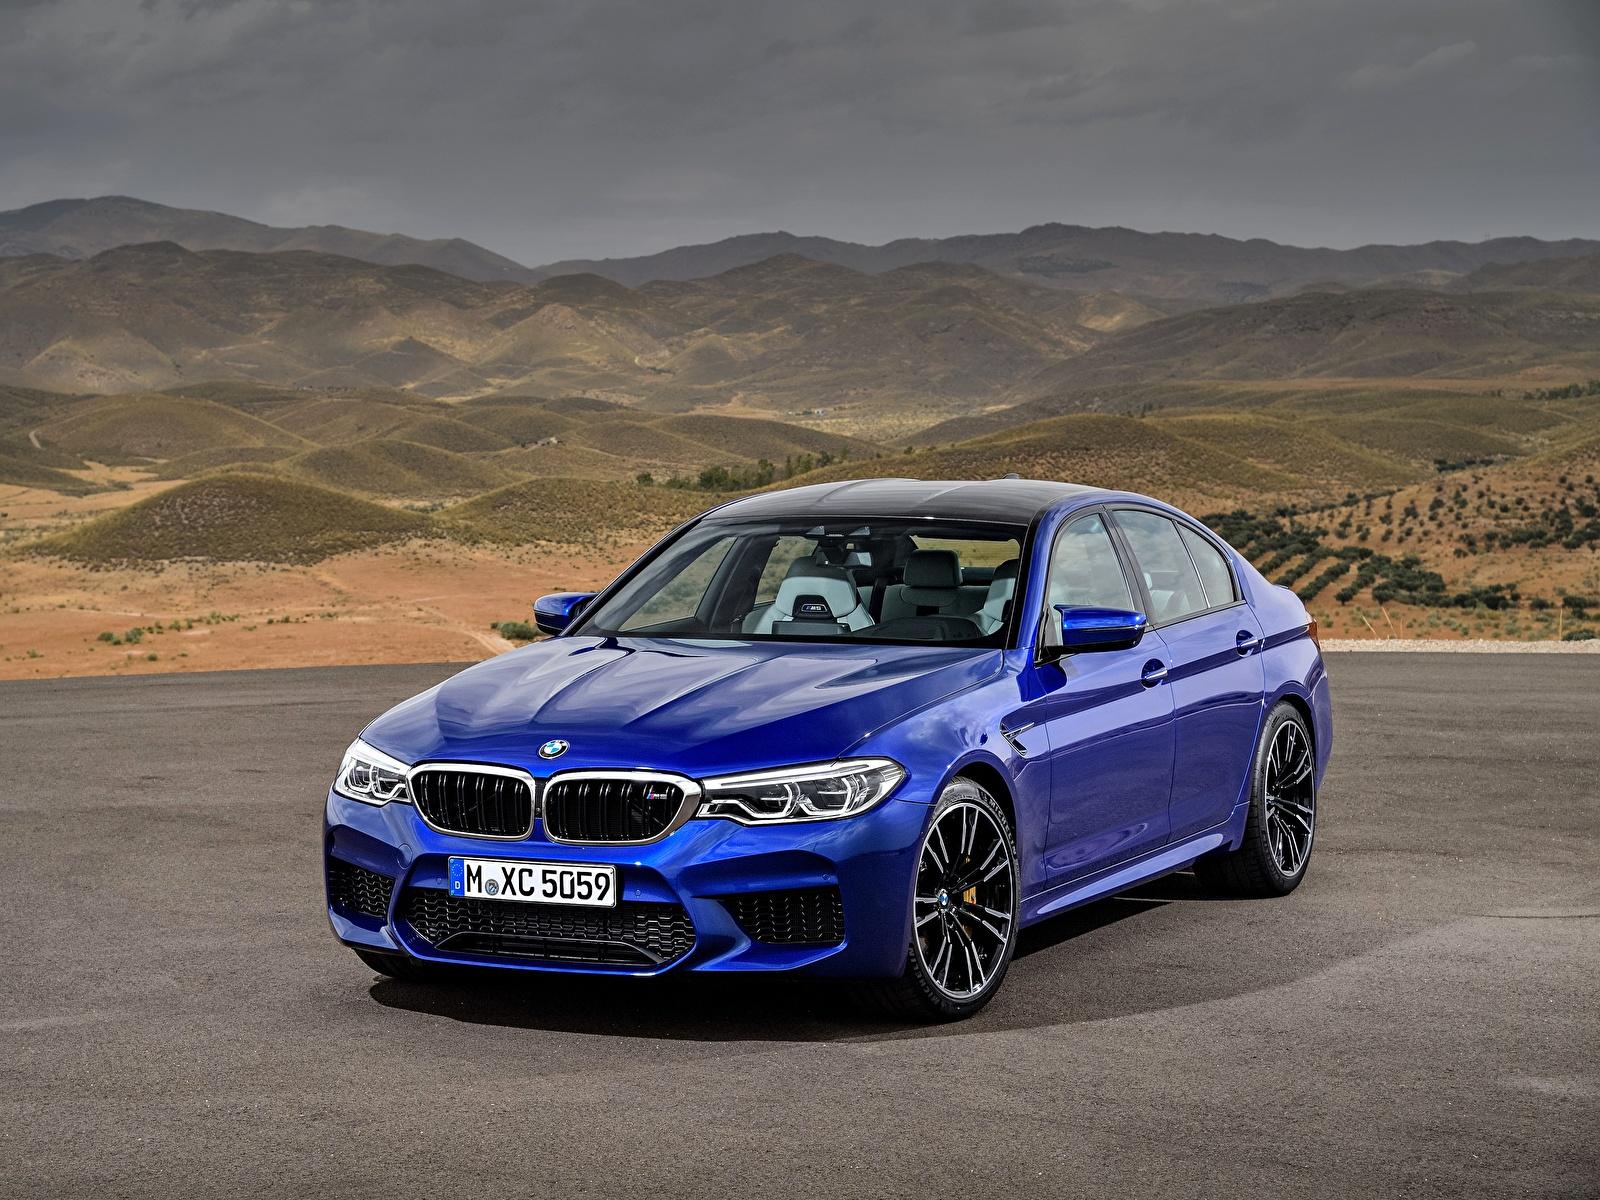 Фотография BMW M5 2017 M5 F90 синих Автомобили 1600x1200 БМВ синяя синие Синий авто машины машина автомобиль